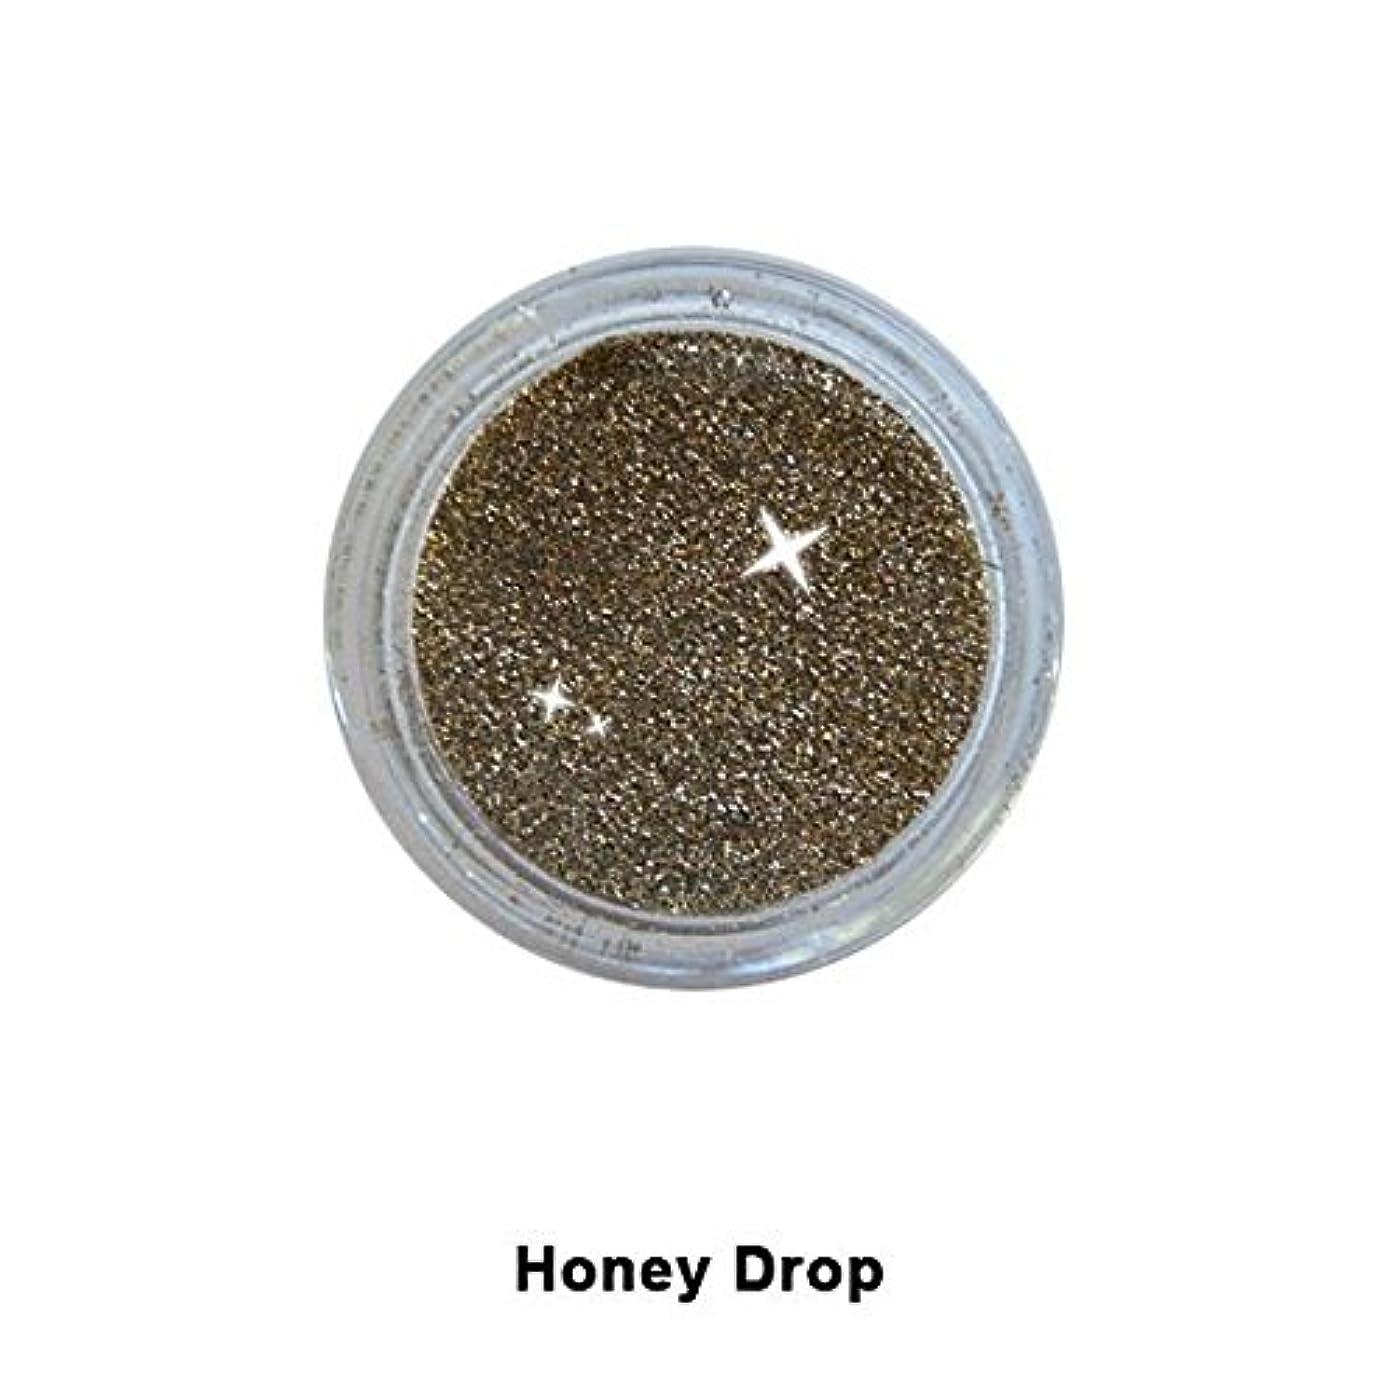 パプアニューギニアモーター光電Eye Kandy アイキャンディー グリッター メイクアップ アイシャドー アイラインGlitter Sprinkles (Honey Drop)